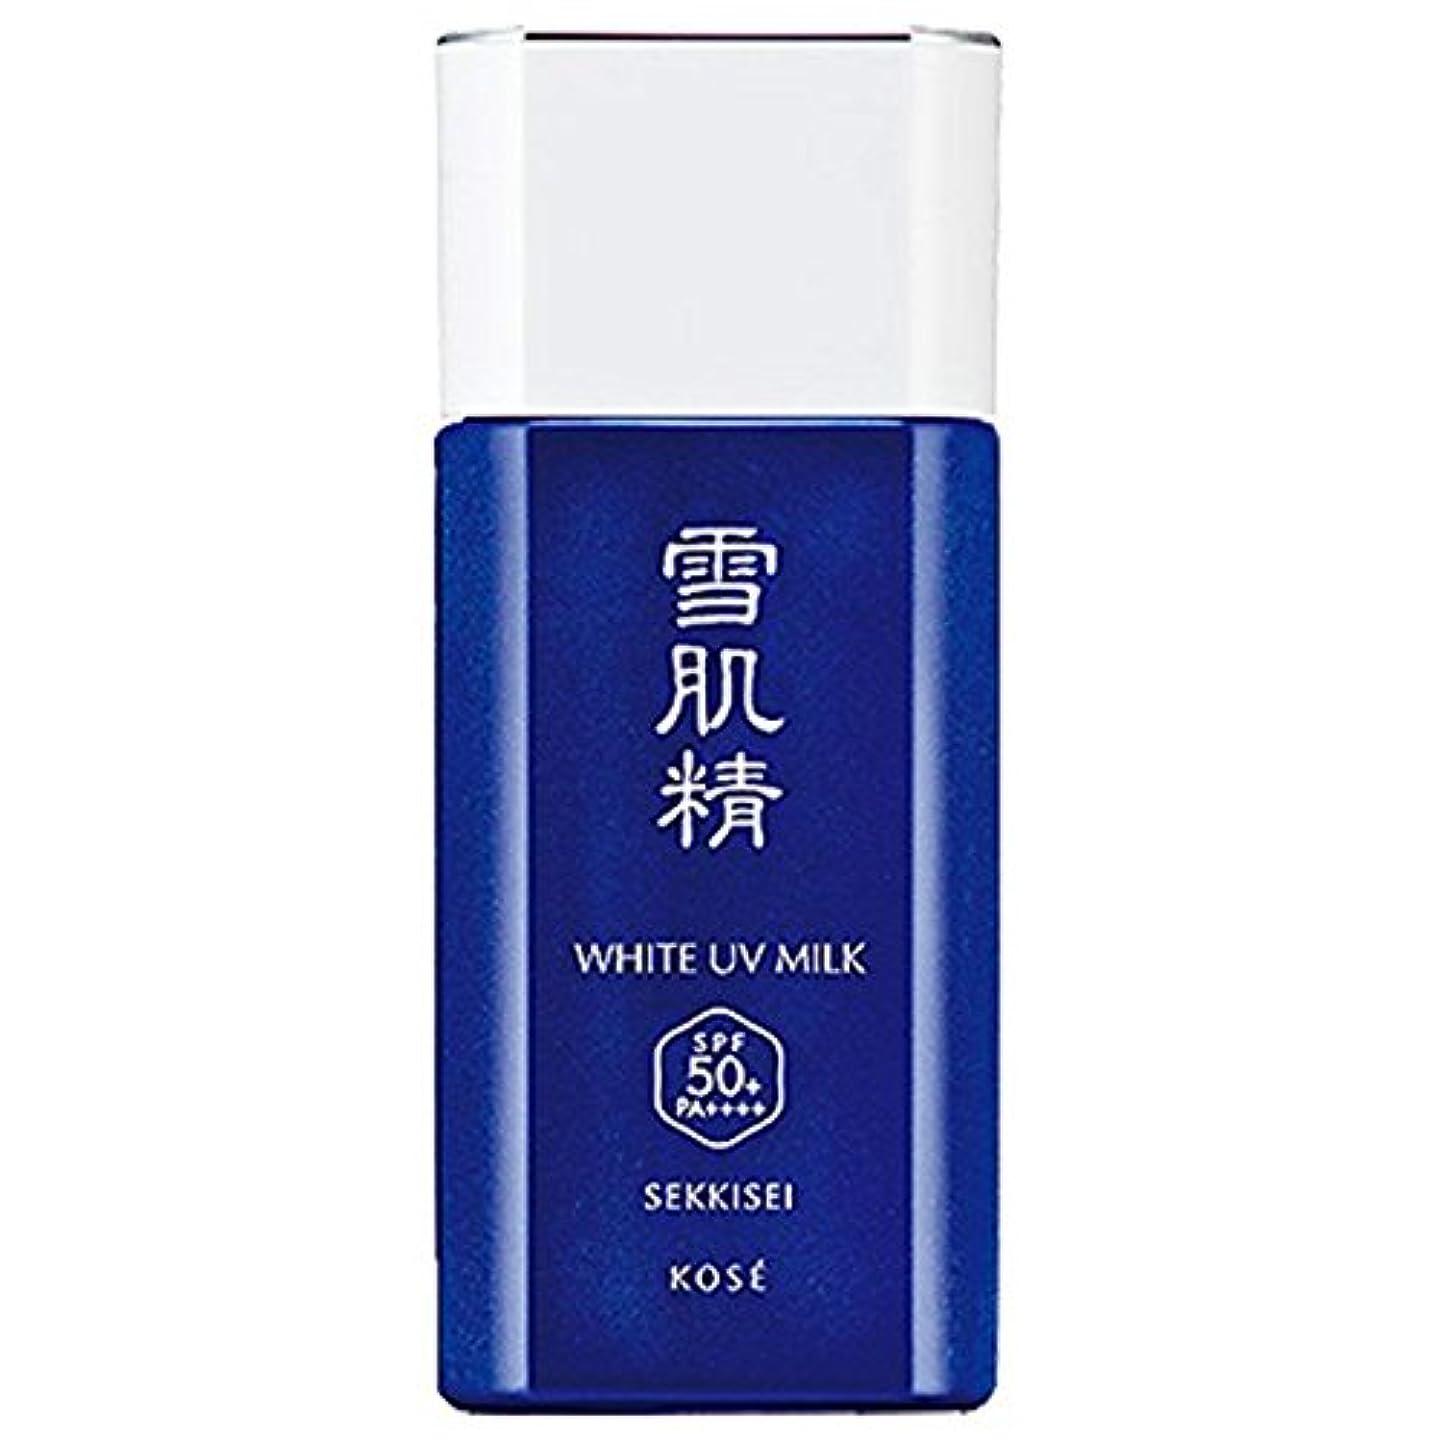 汗ドロップガジュマルコーセー 雪肌精 ホワイト UV ミルク SPF50+/PA++++ 60g